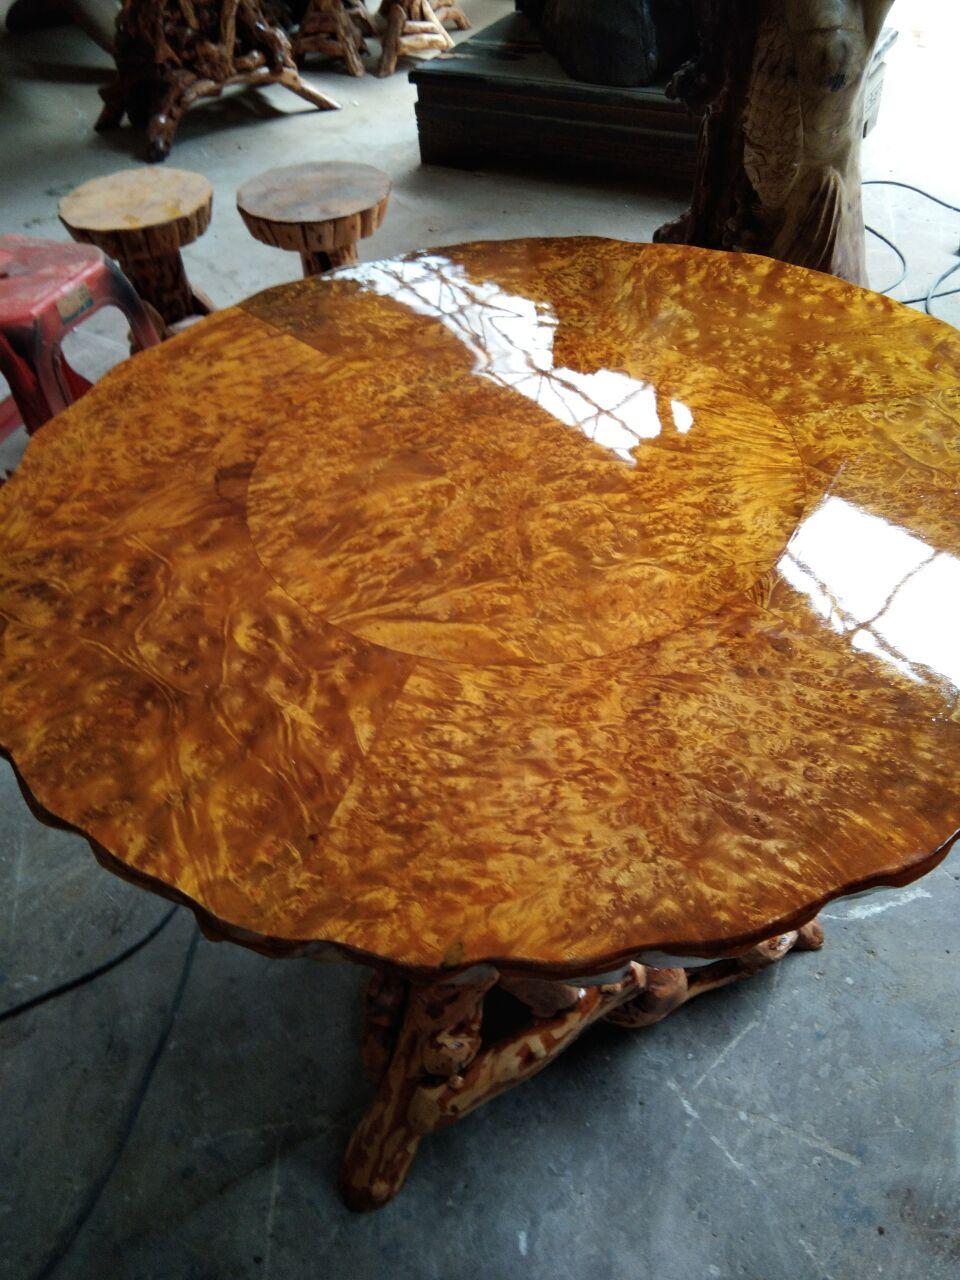 杜鹃根餐桌圆桌休闲茶桌黄金樟桌面天然实木根雕